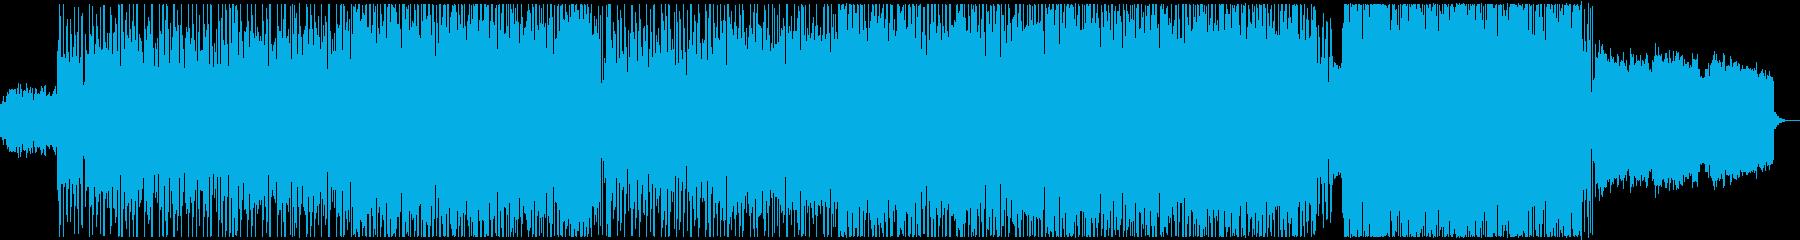 明るく爽やかなトランペットの企業VPの再生済みの波形